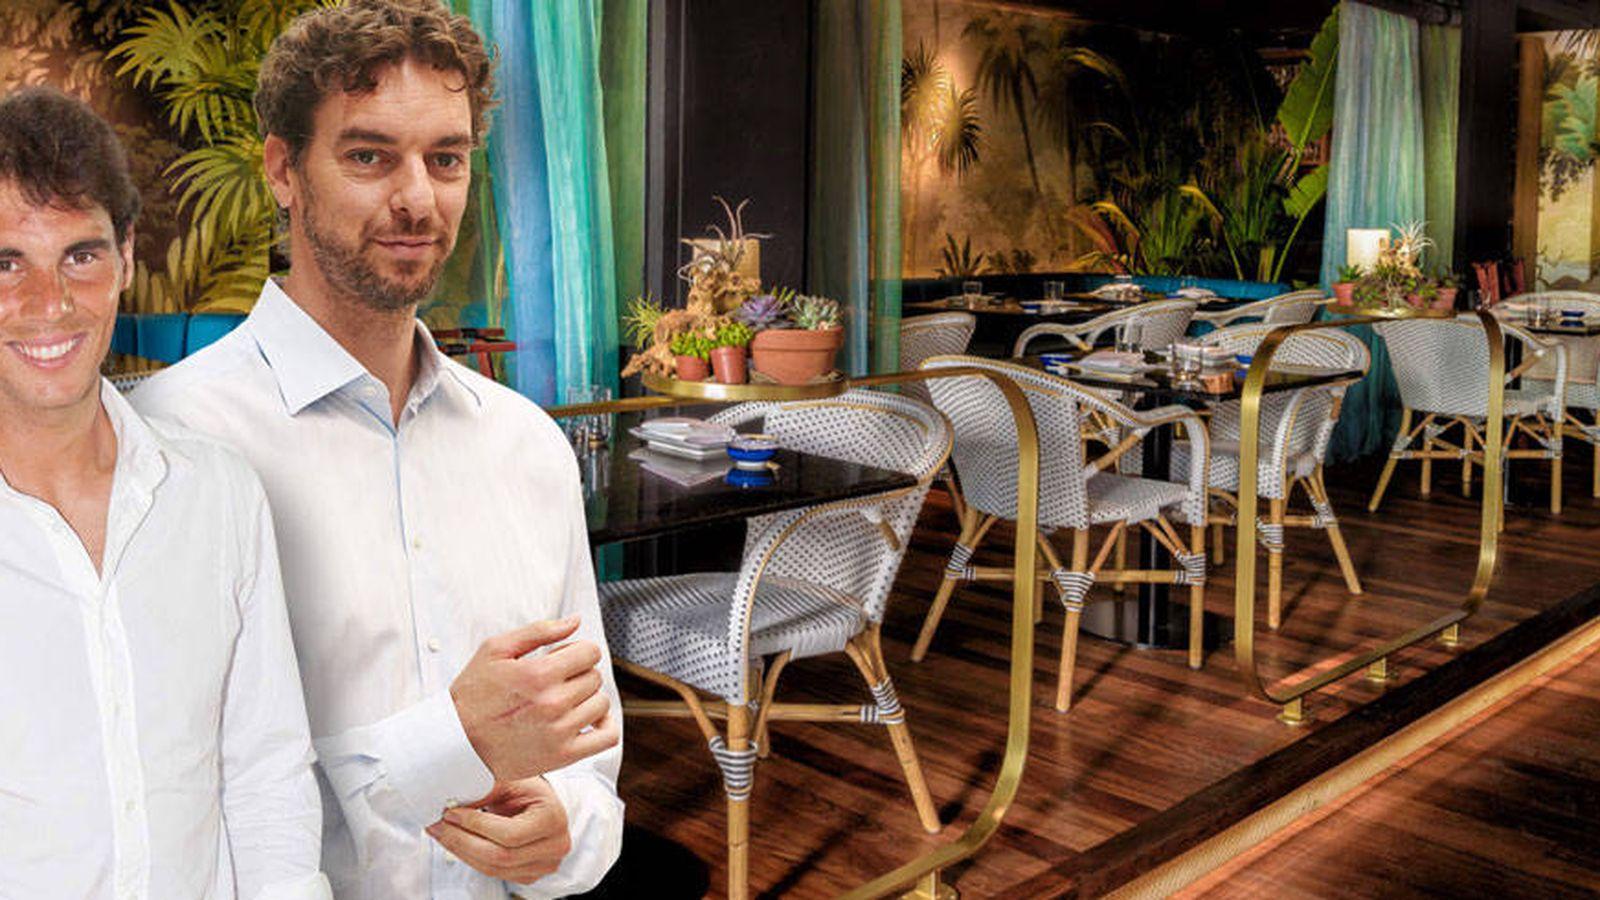 Foto: Nadal, Gasol y el restaurante Zela en un fotomontaje elaborado por Vanitatis.